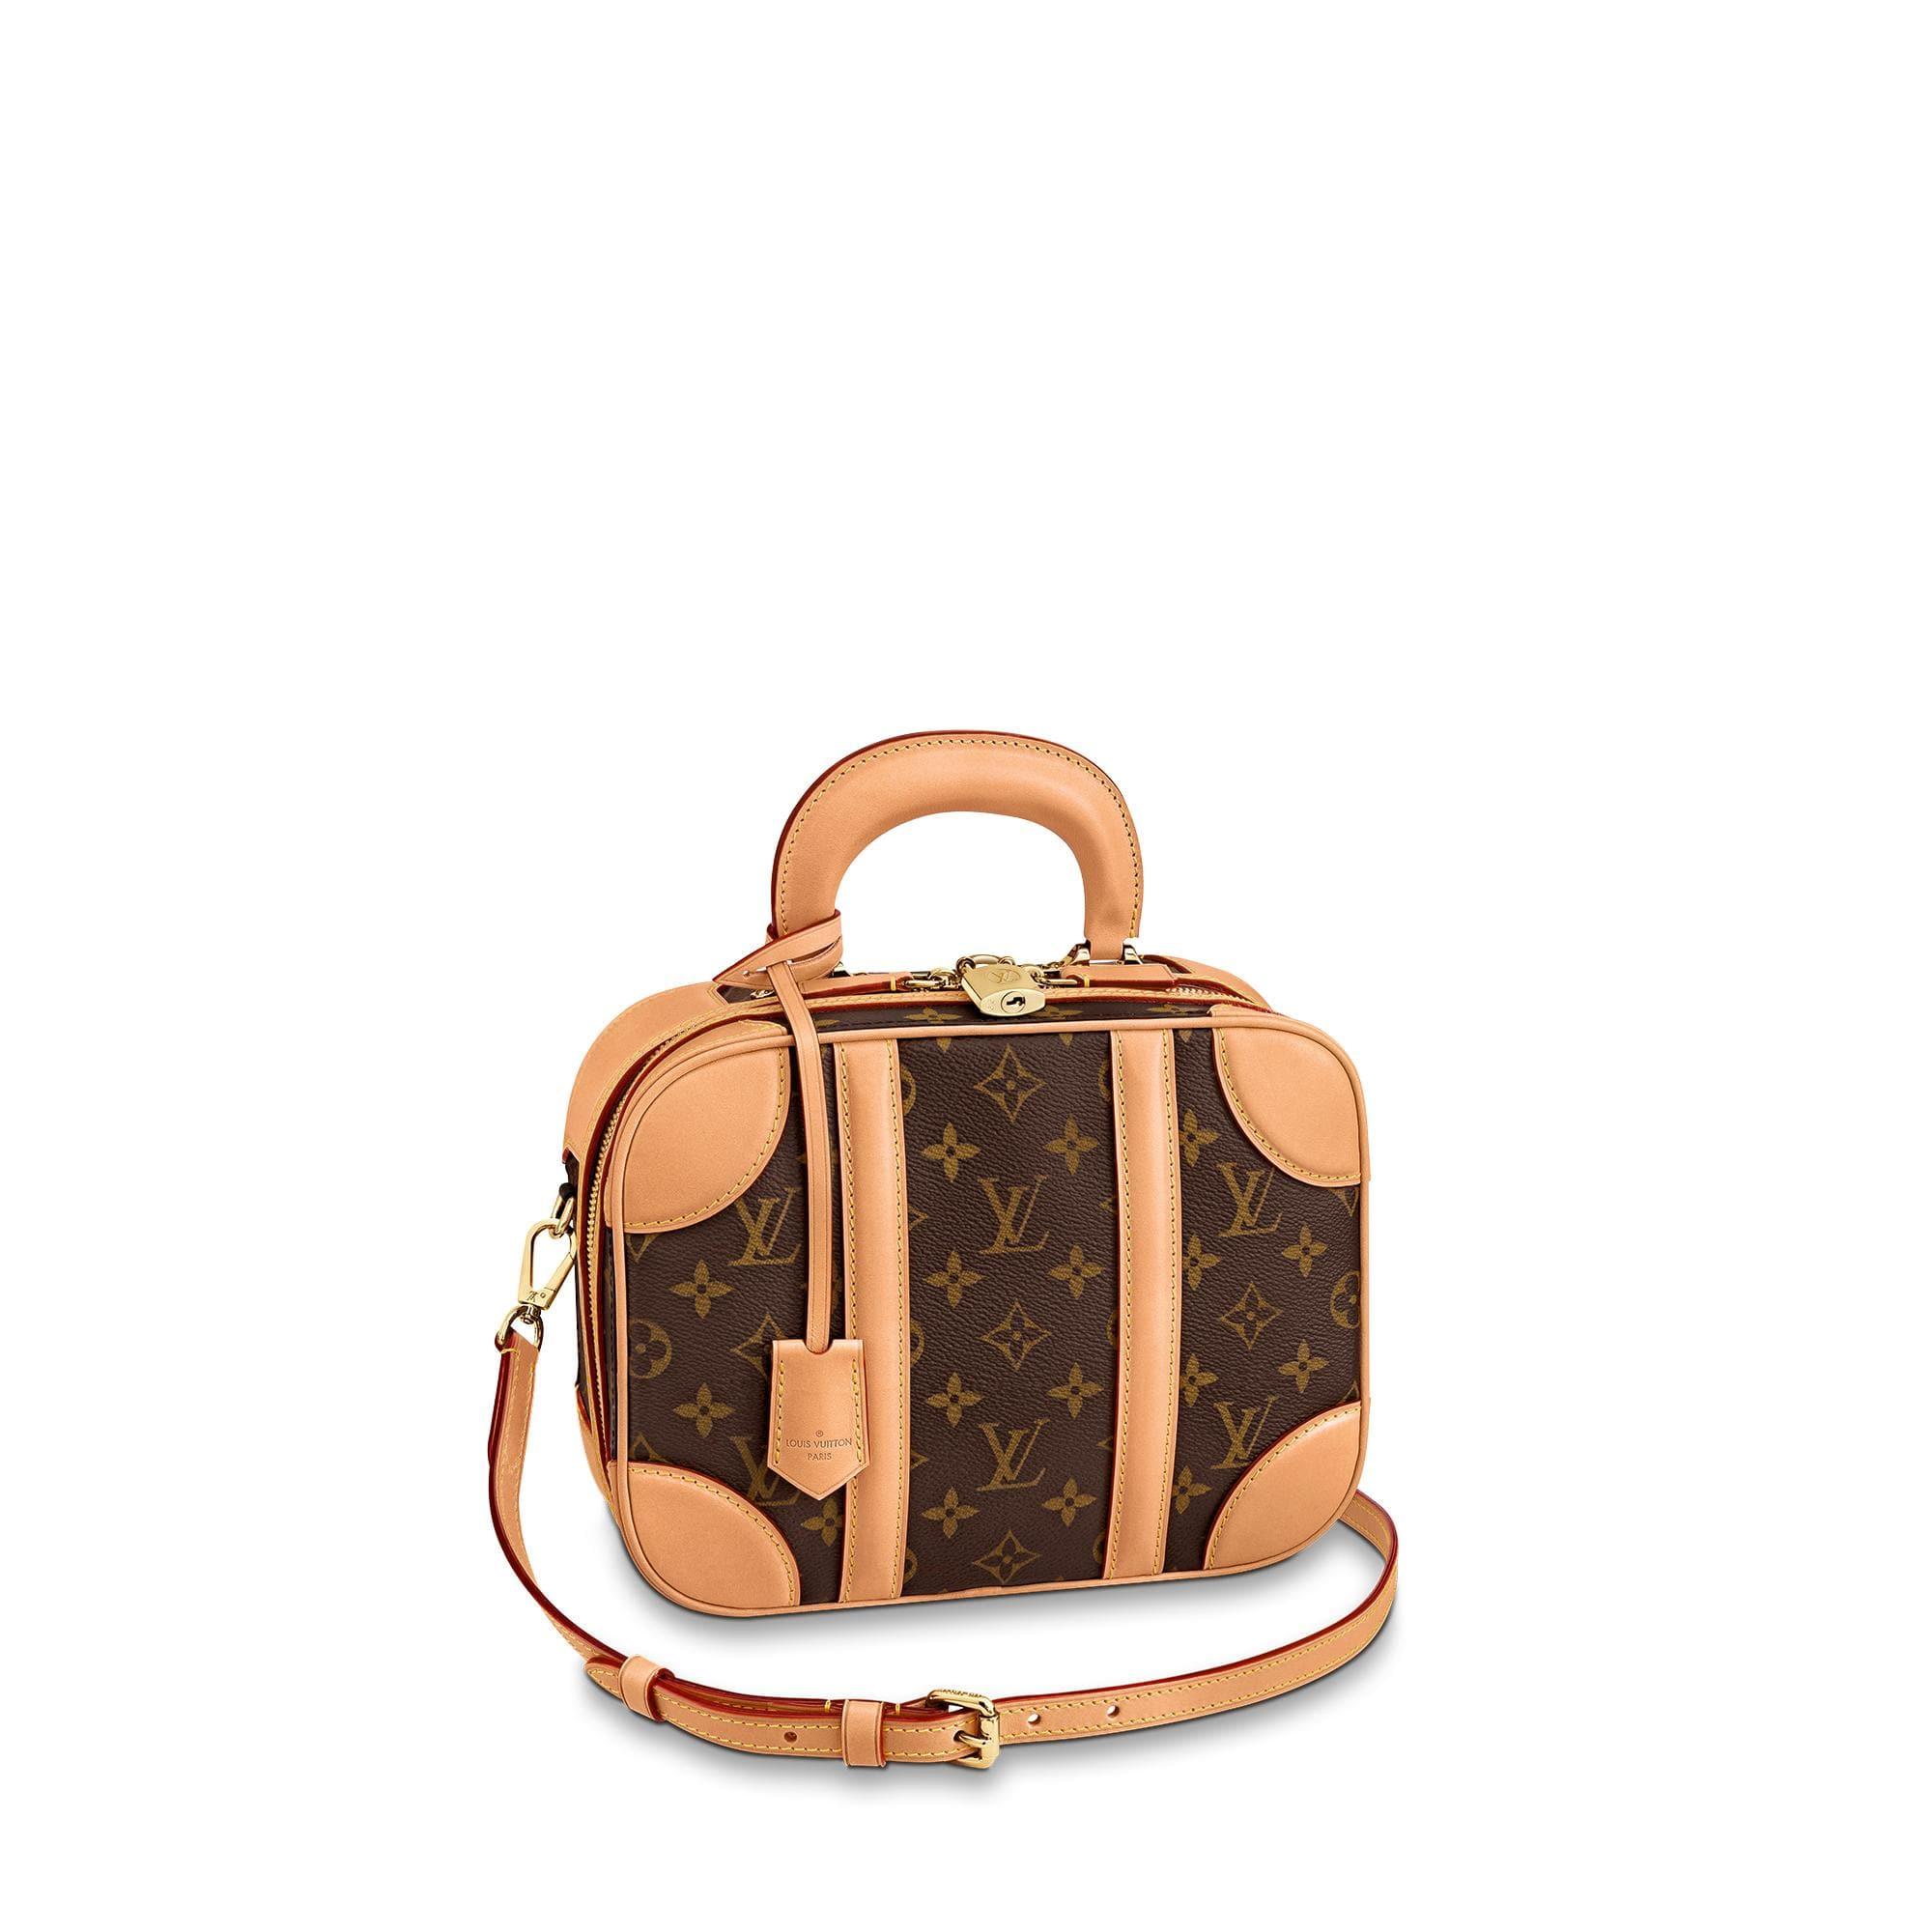 Louis Vuitton Mini Luggage Monogram Brown